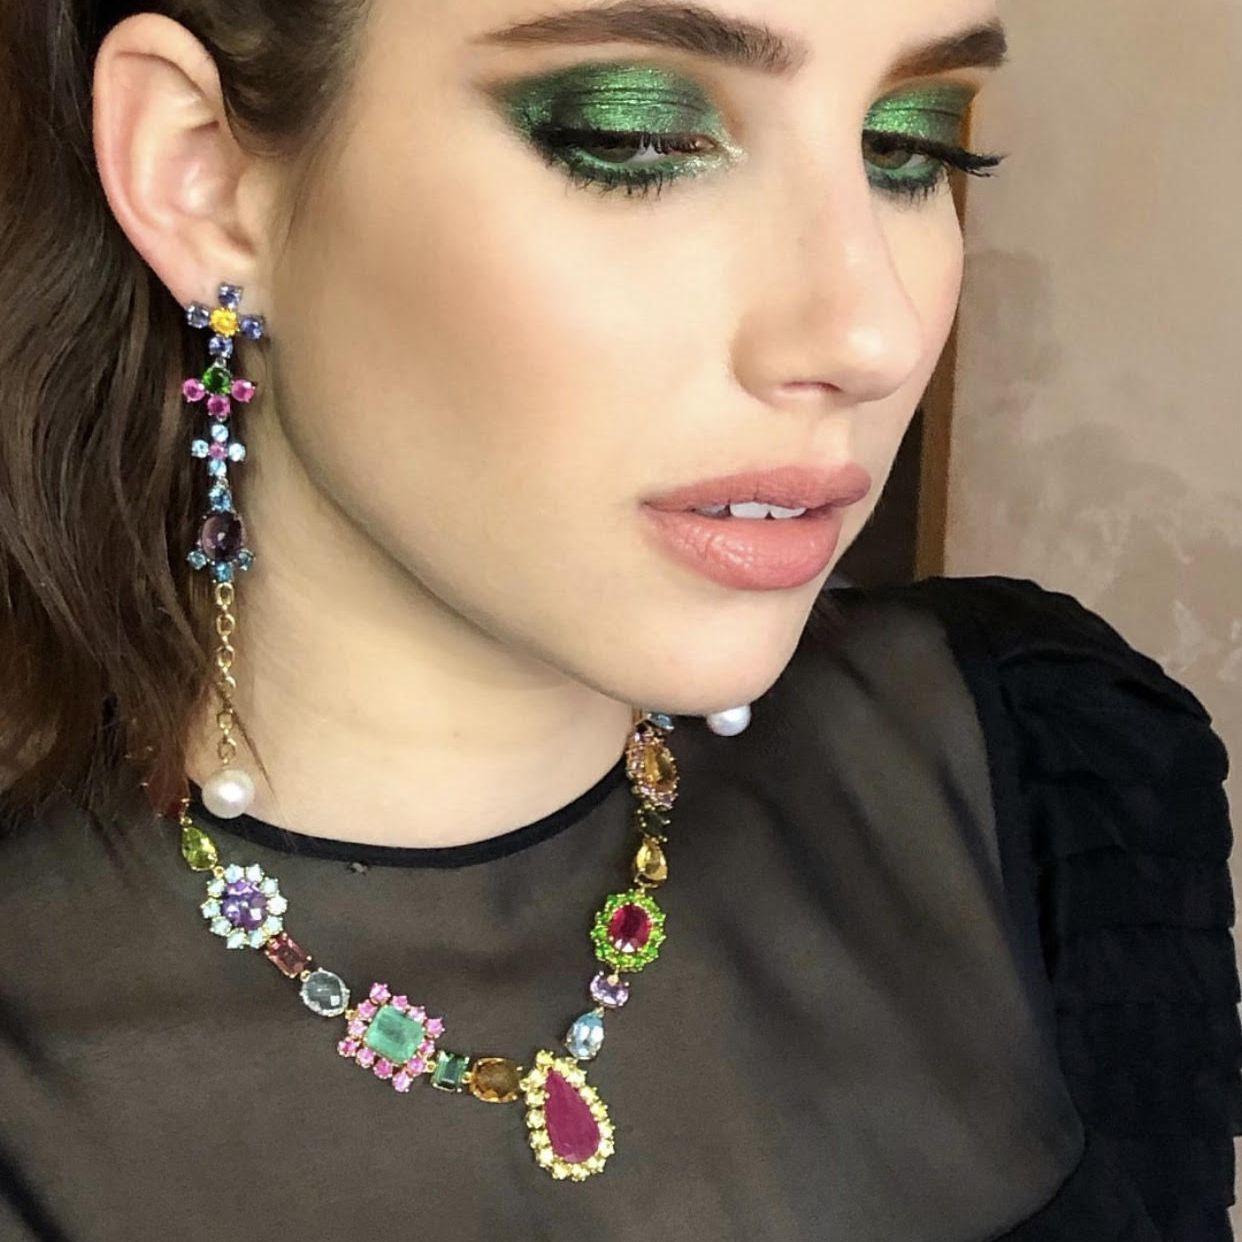 emma roberts green shadow